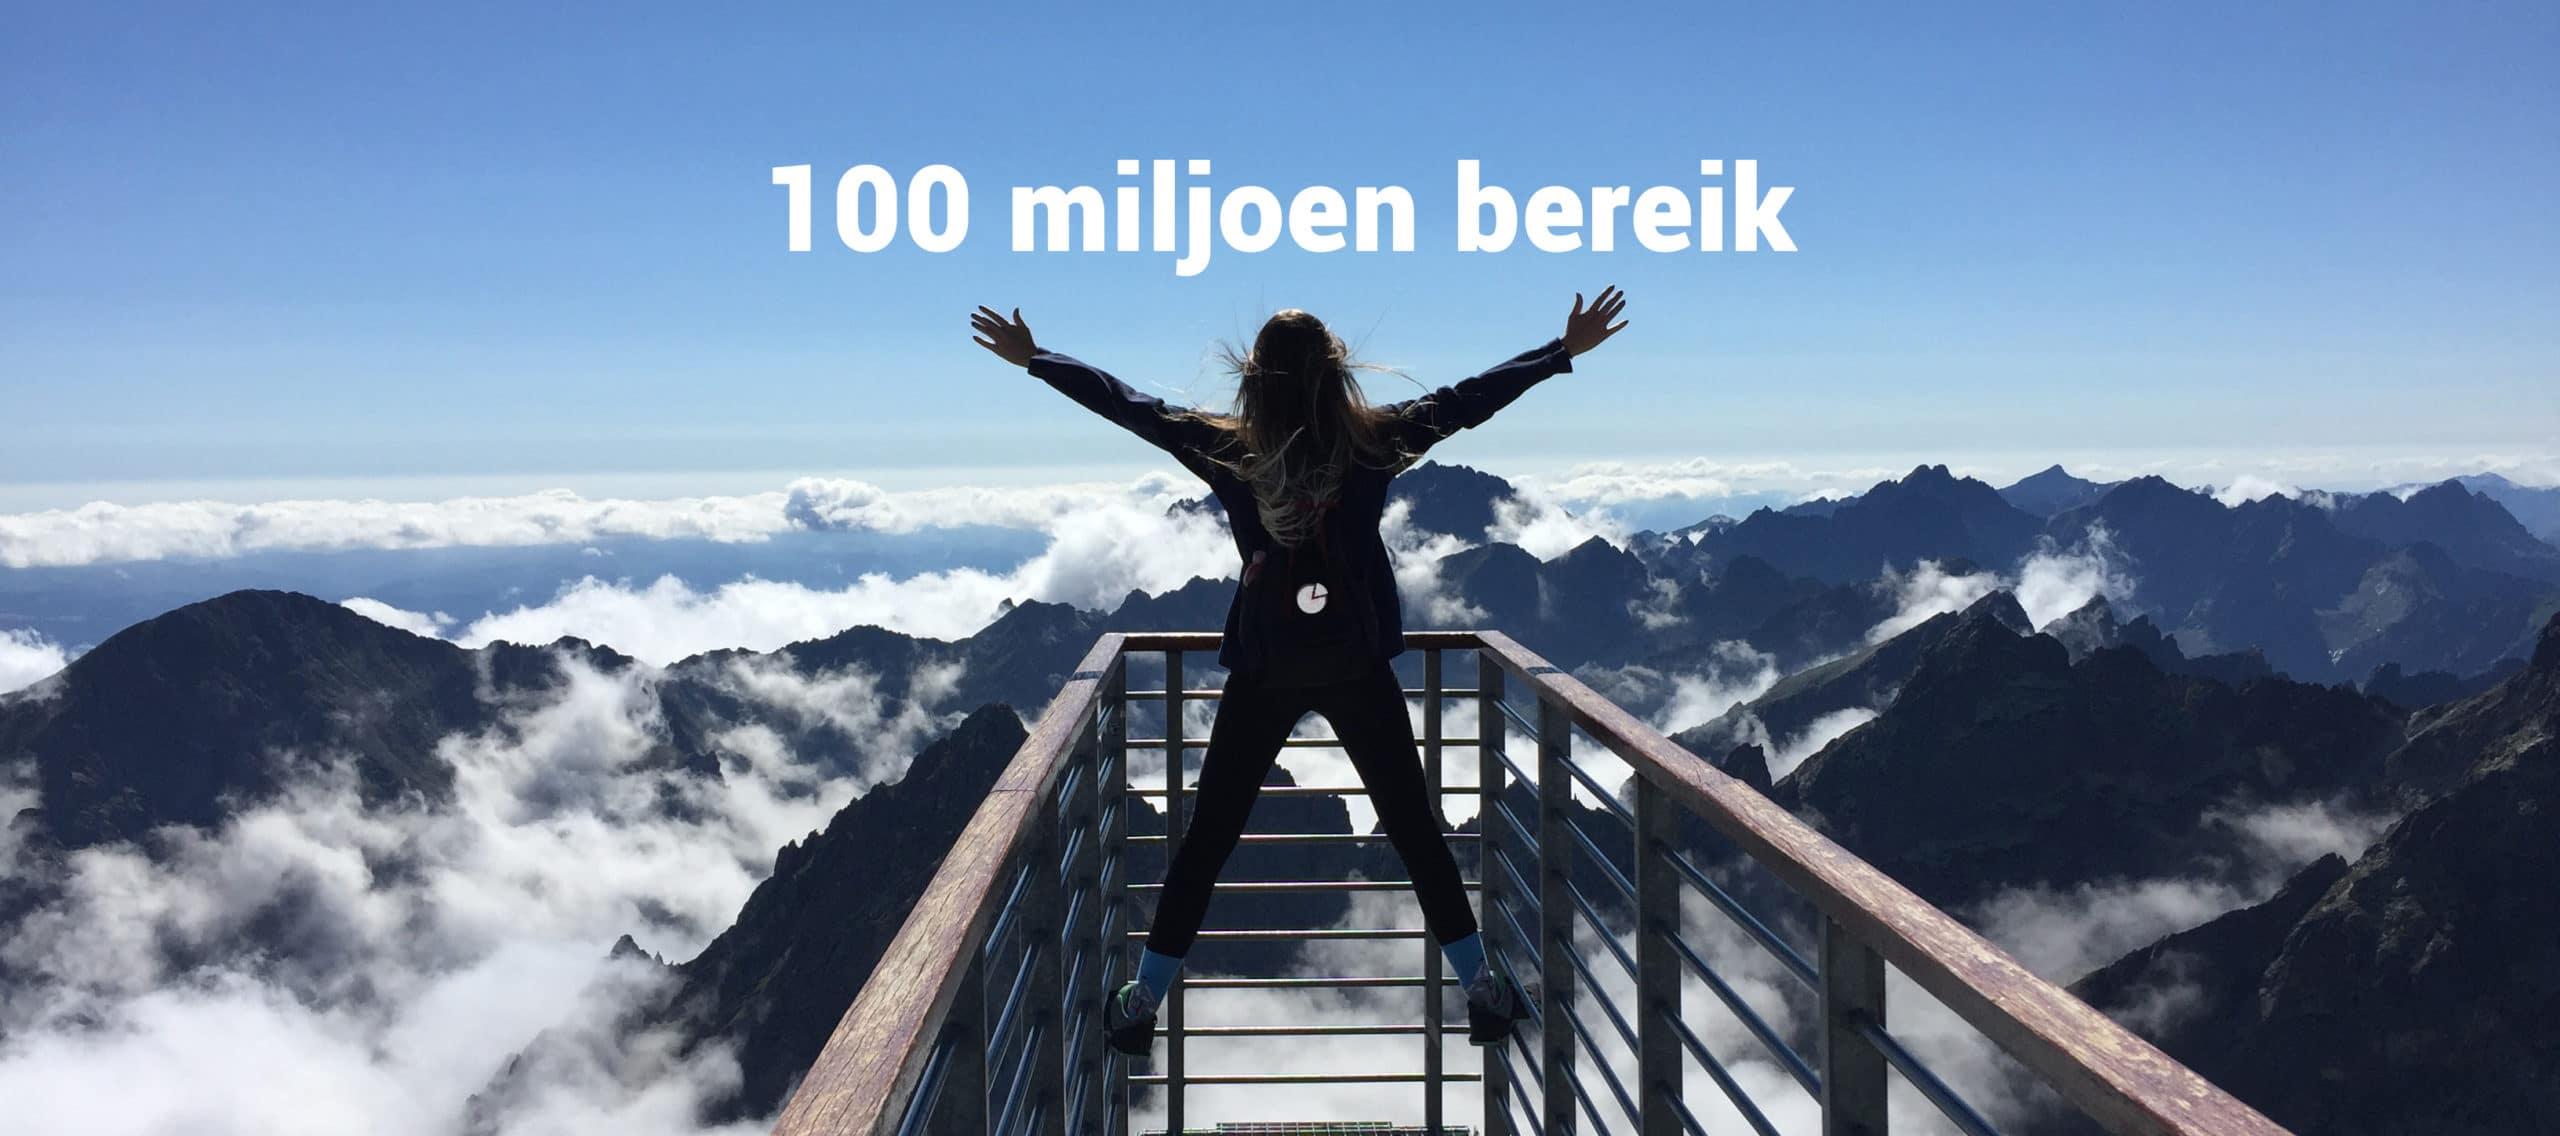 100 miljoen bereik banner